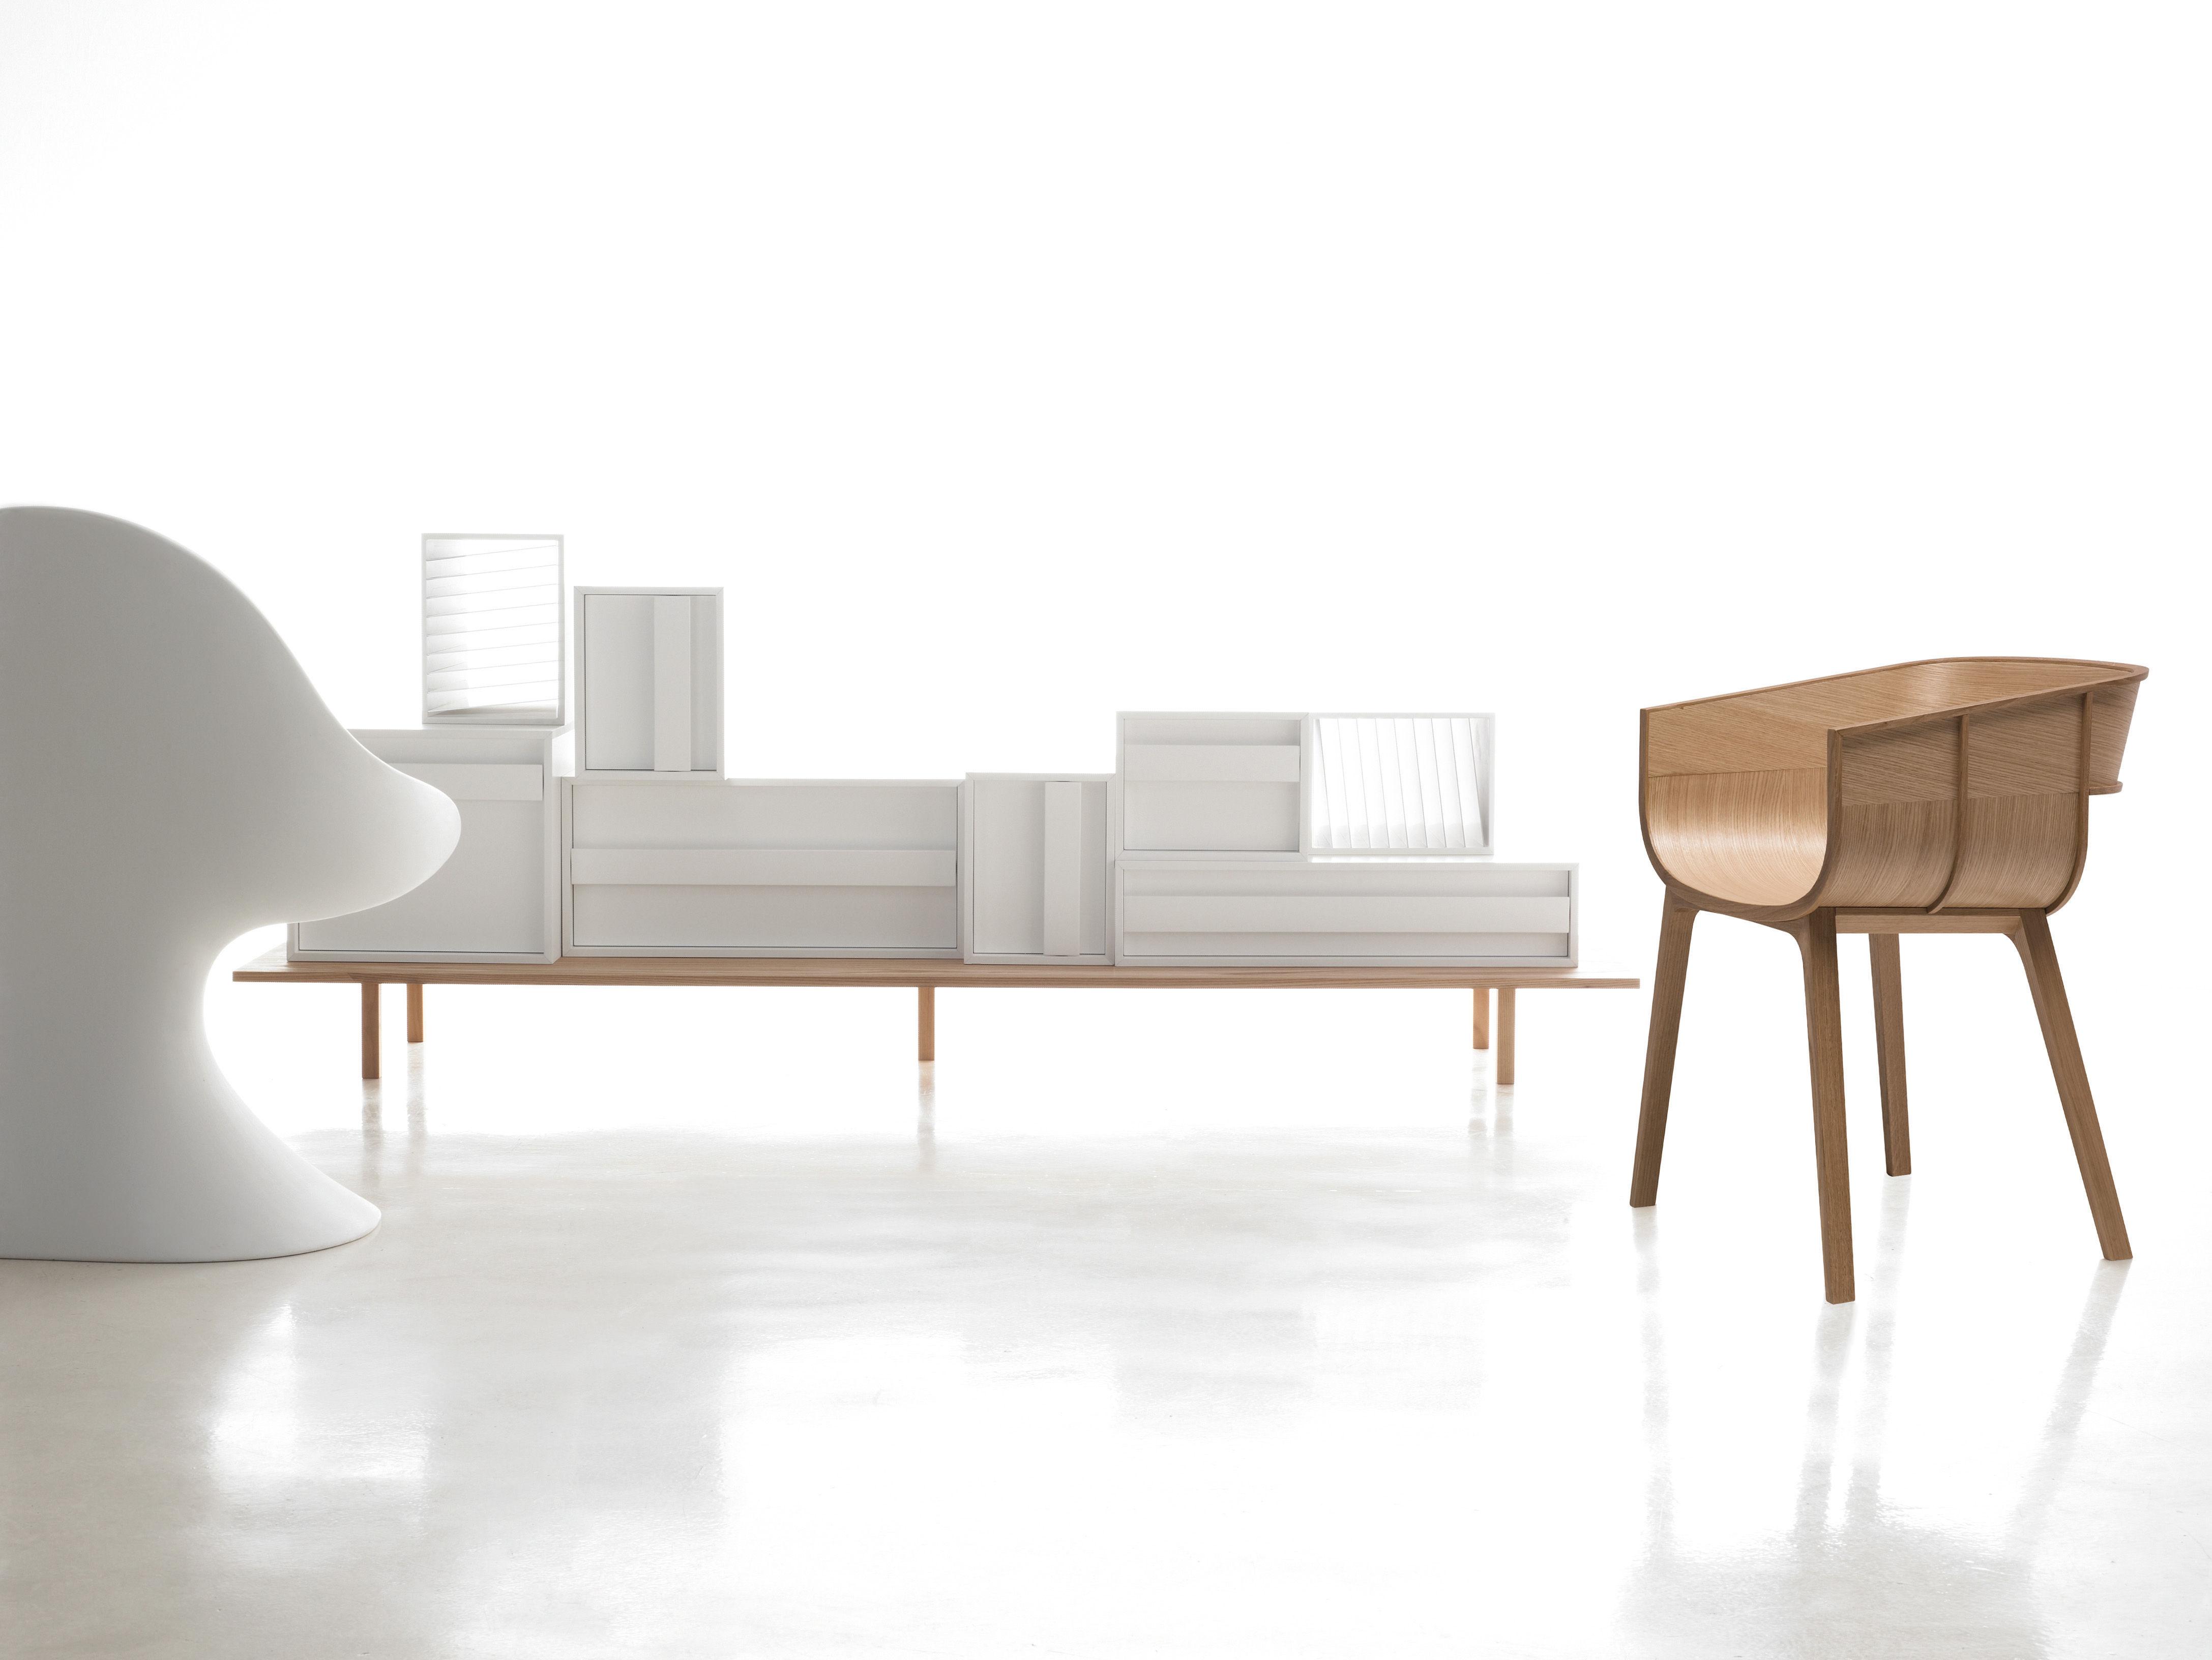 meuble de rangement container l 229 x h 89 cm mdf blanc casamania. Black Bedroom Furniture Sets. Home Design Ideas